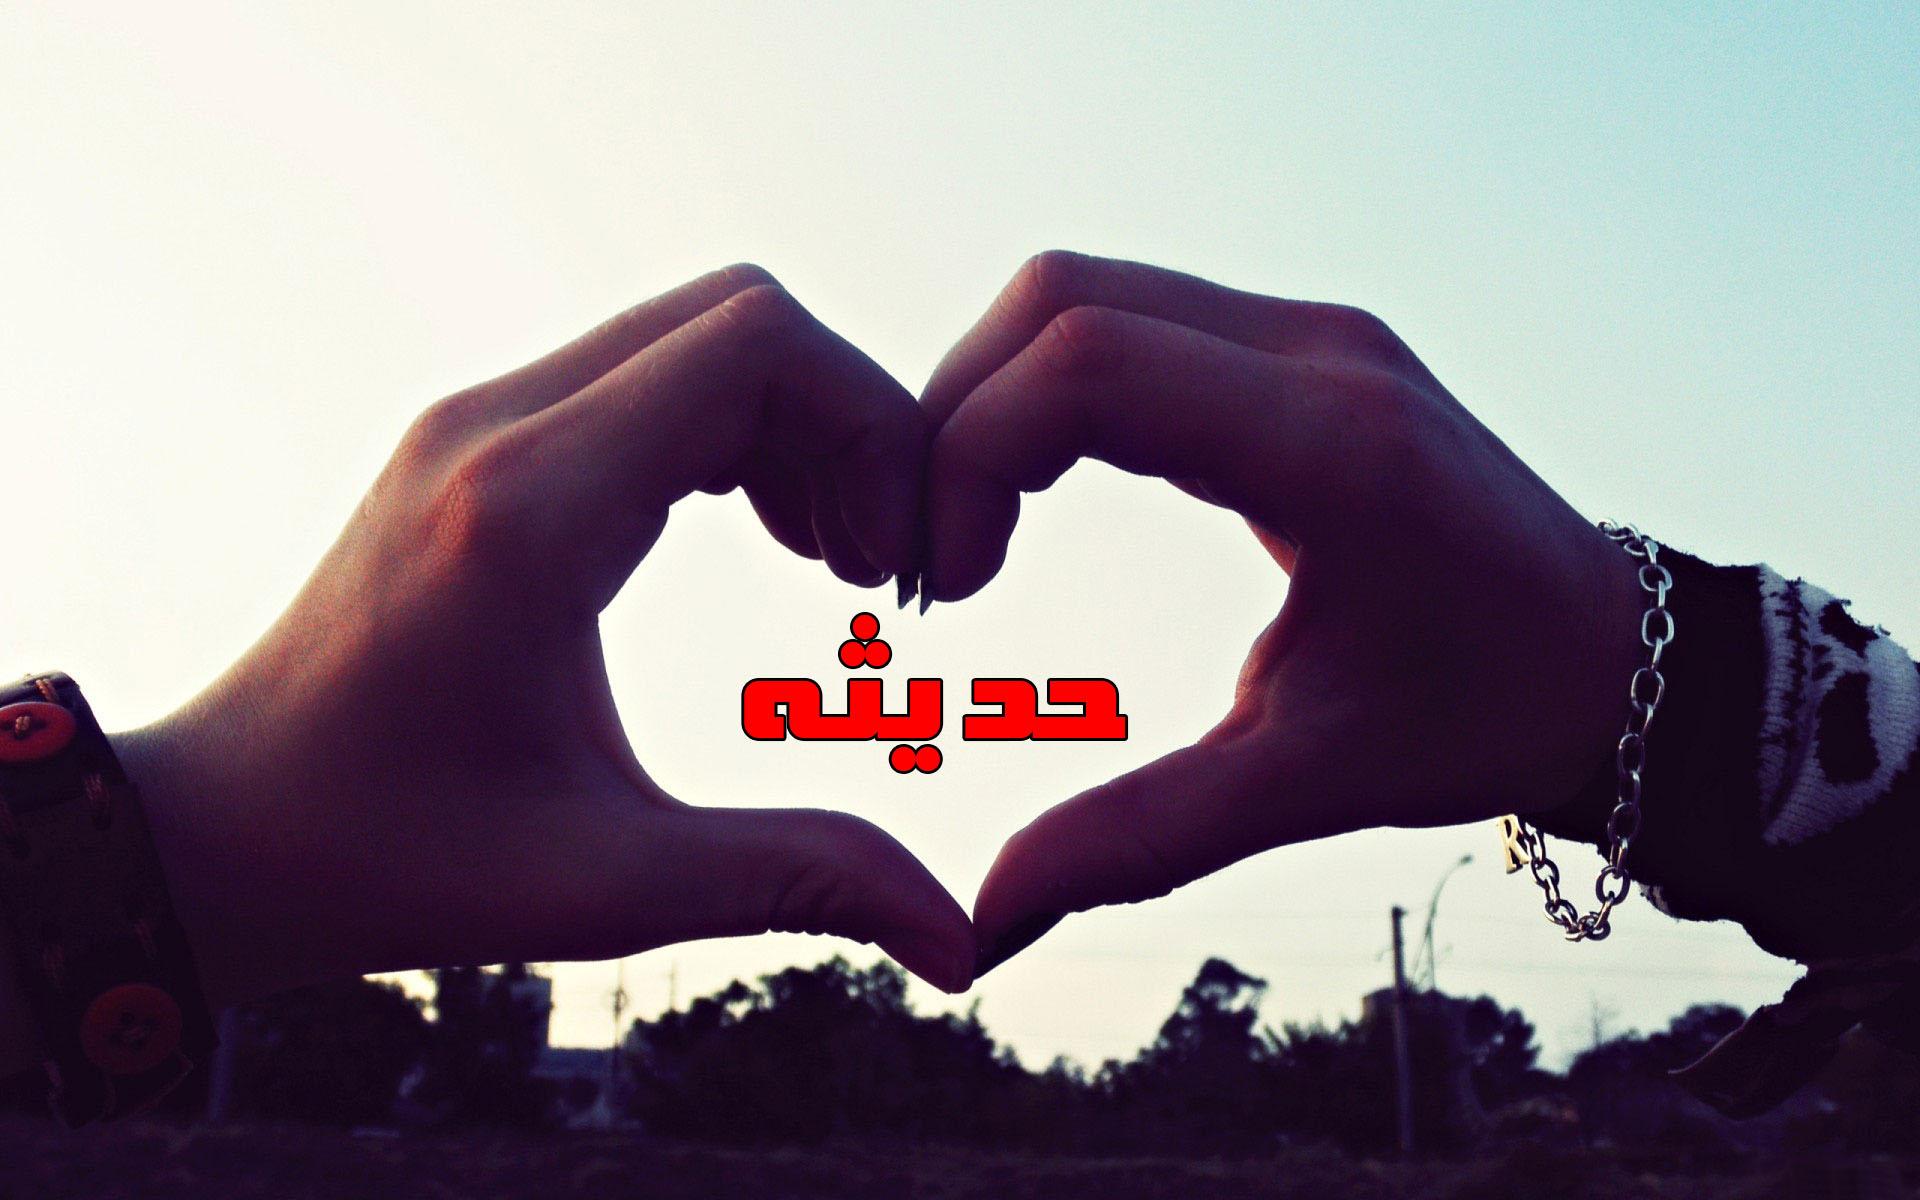 عکس نوشته با اسم حدیثه